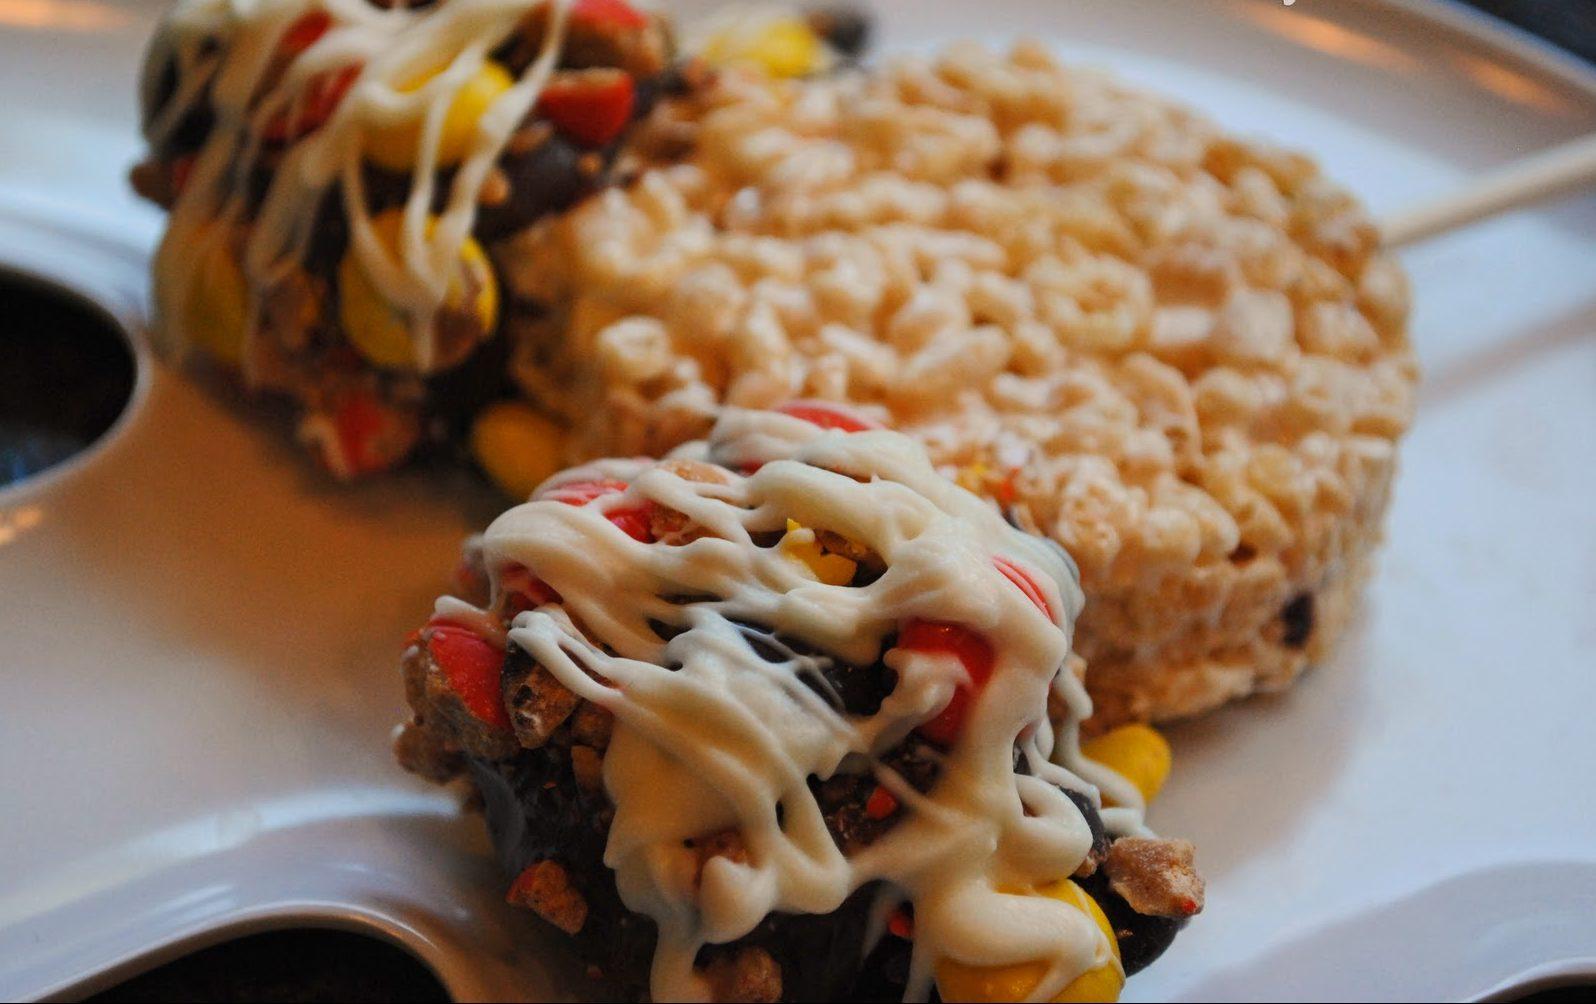 Goofy's Candy Company: Mickey Rice Krispies Treats Recipe